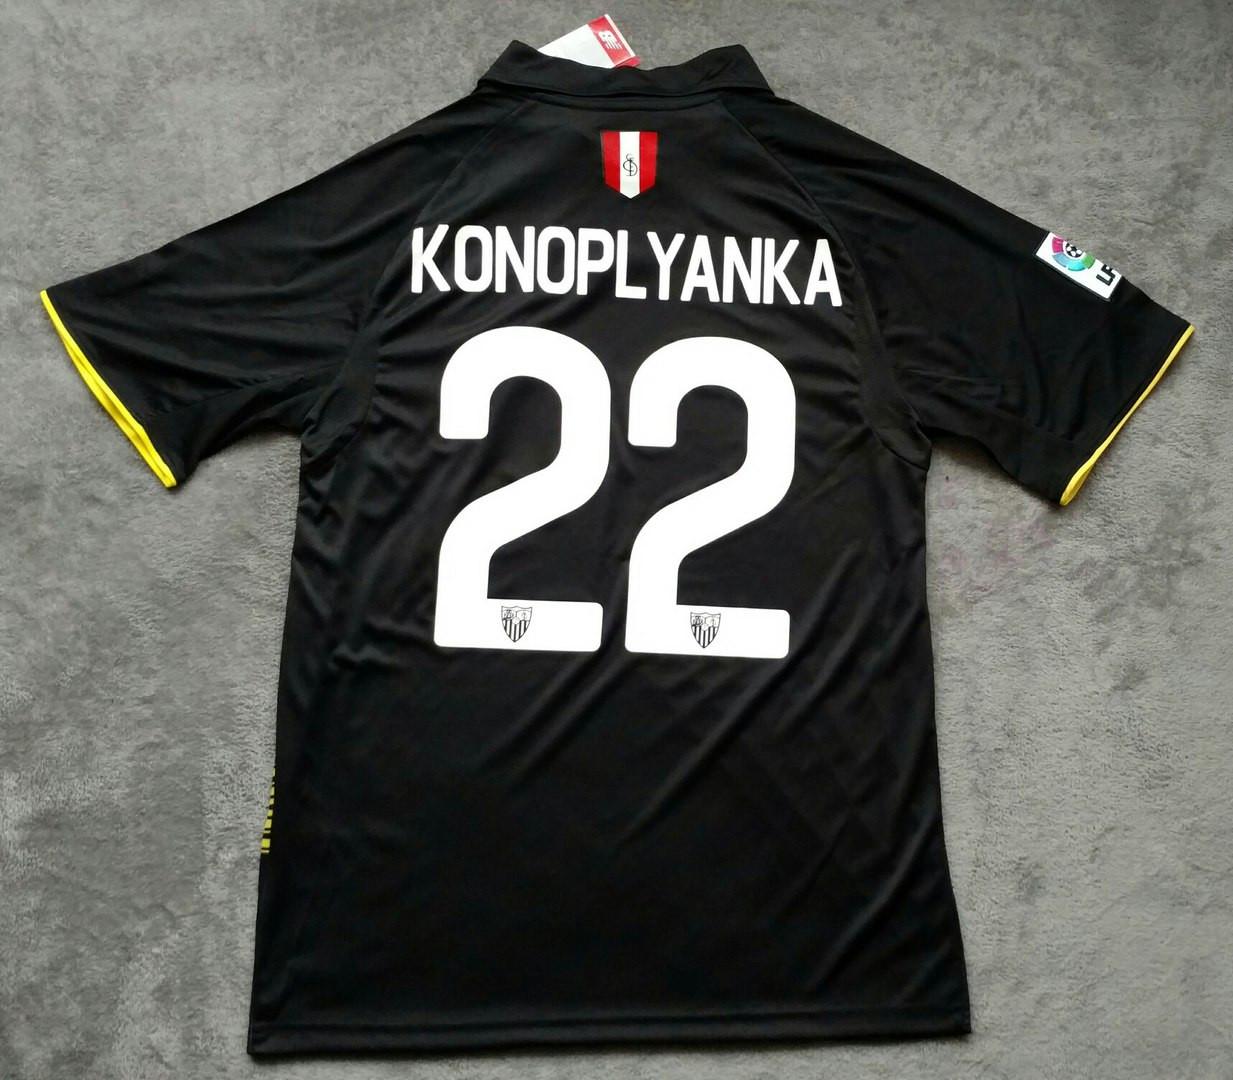 Футболка Севилья Коноплянка 2015-2016 - Спортивный магазин Kosas в Харькове 18e814d4d2a